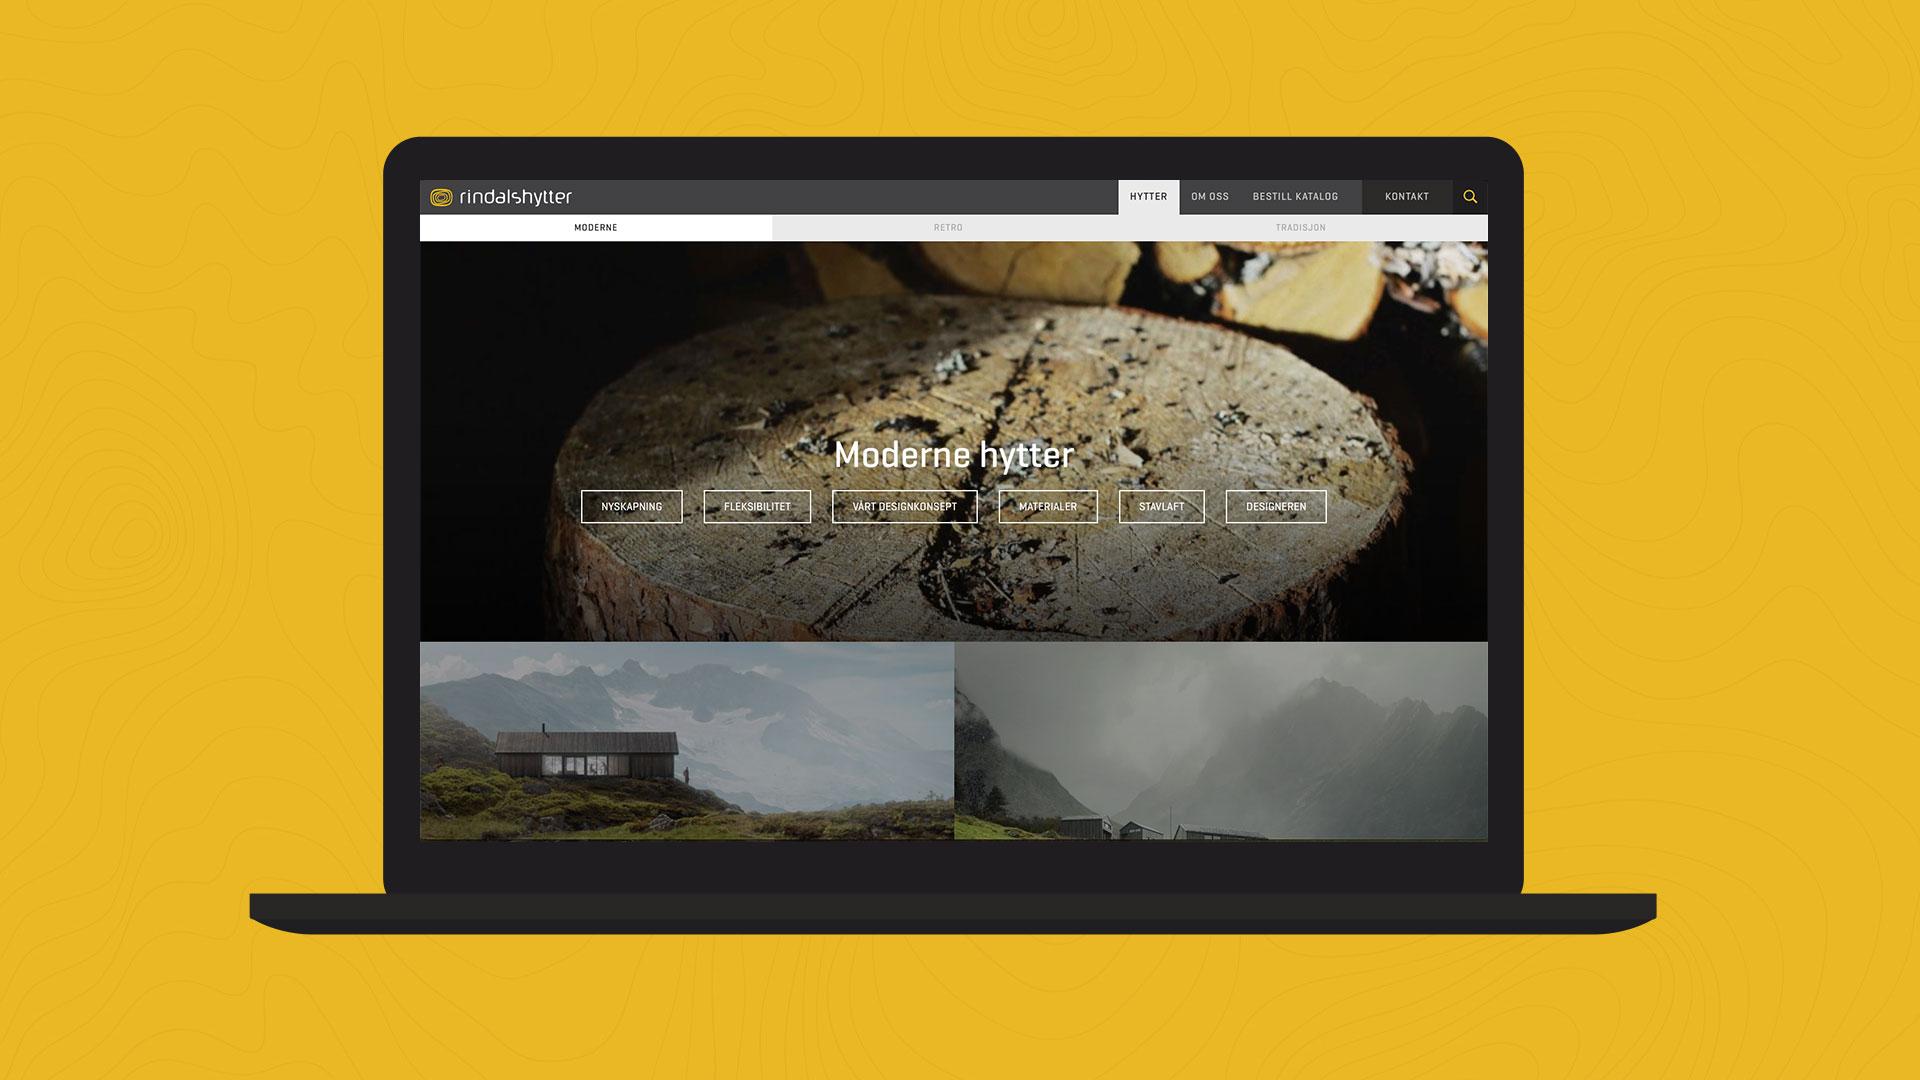 Rindalshytter-mockup-desktop-3.jpg